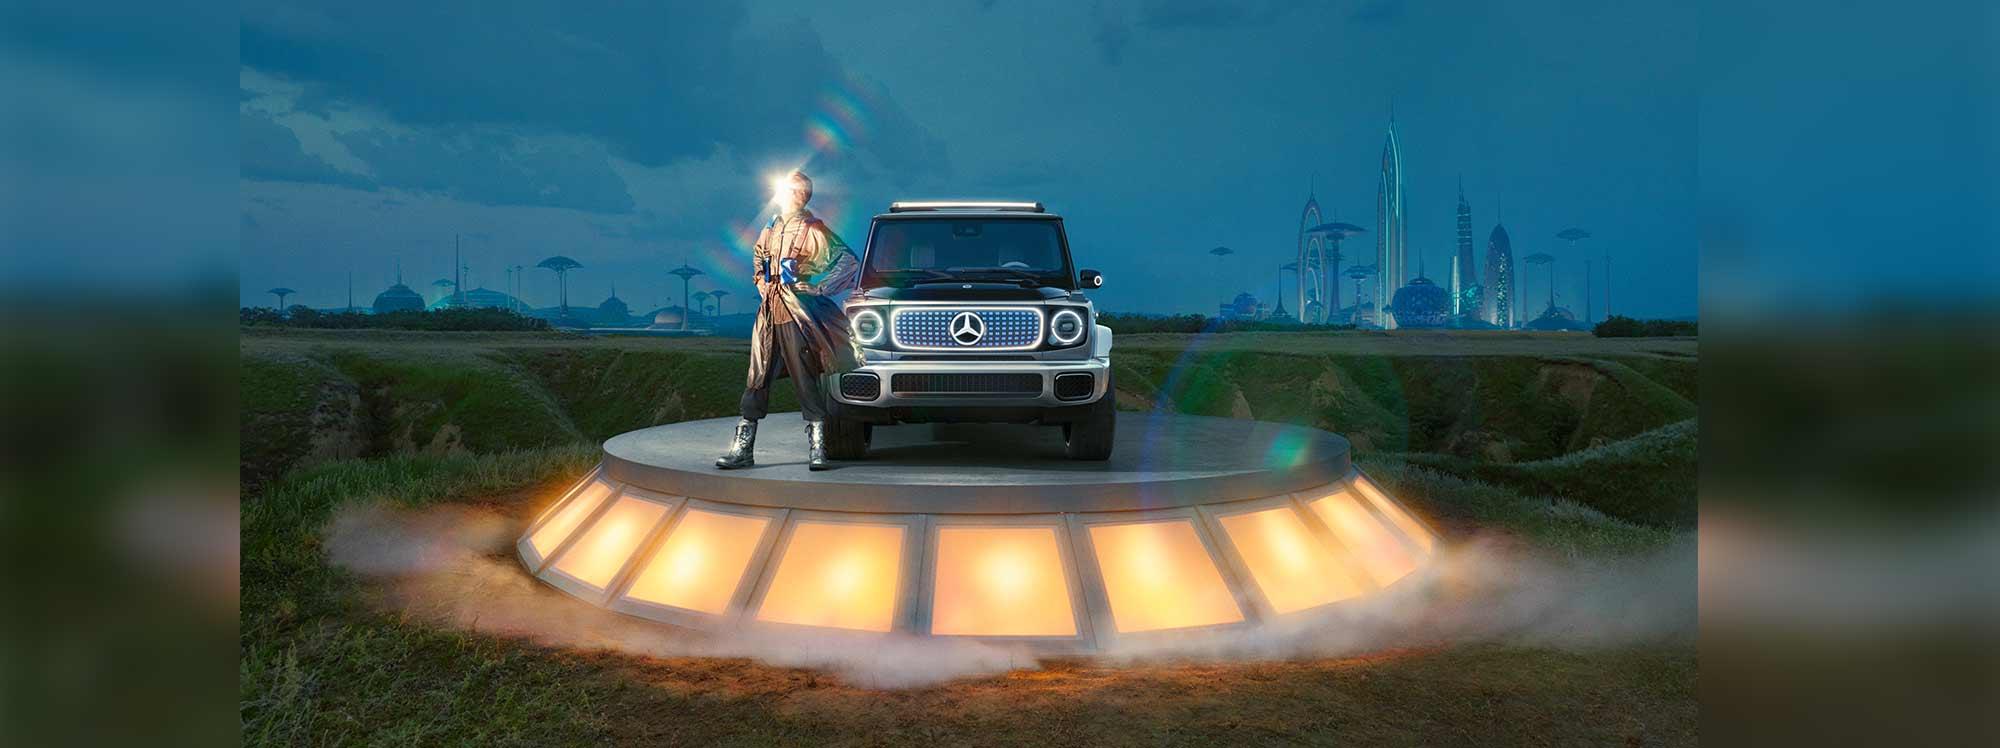 Mercedes Benz Clase G: nueva era de movilidad eléctrica